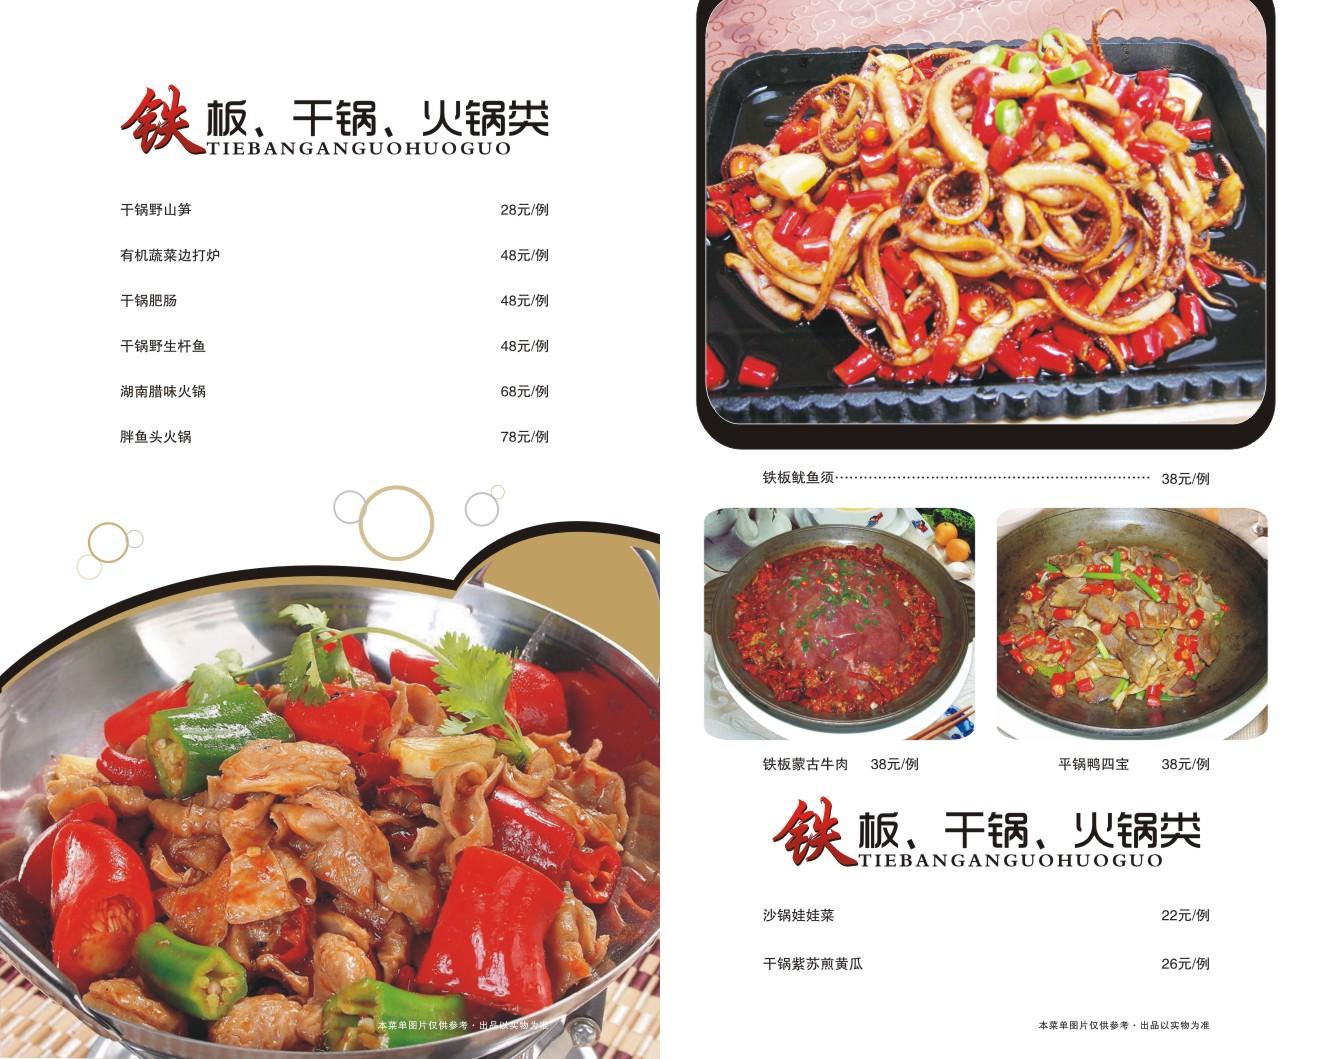 217号菜谱设计:菜谱册湖南湘菜馆